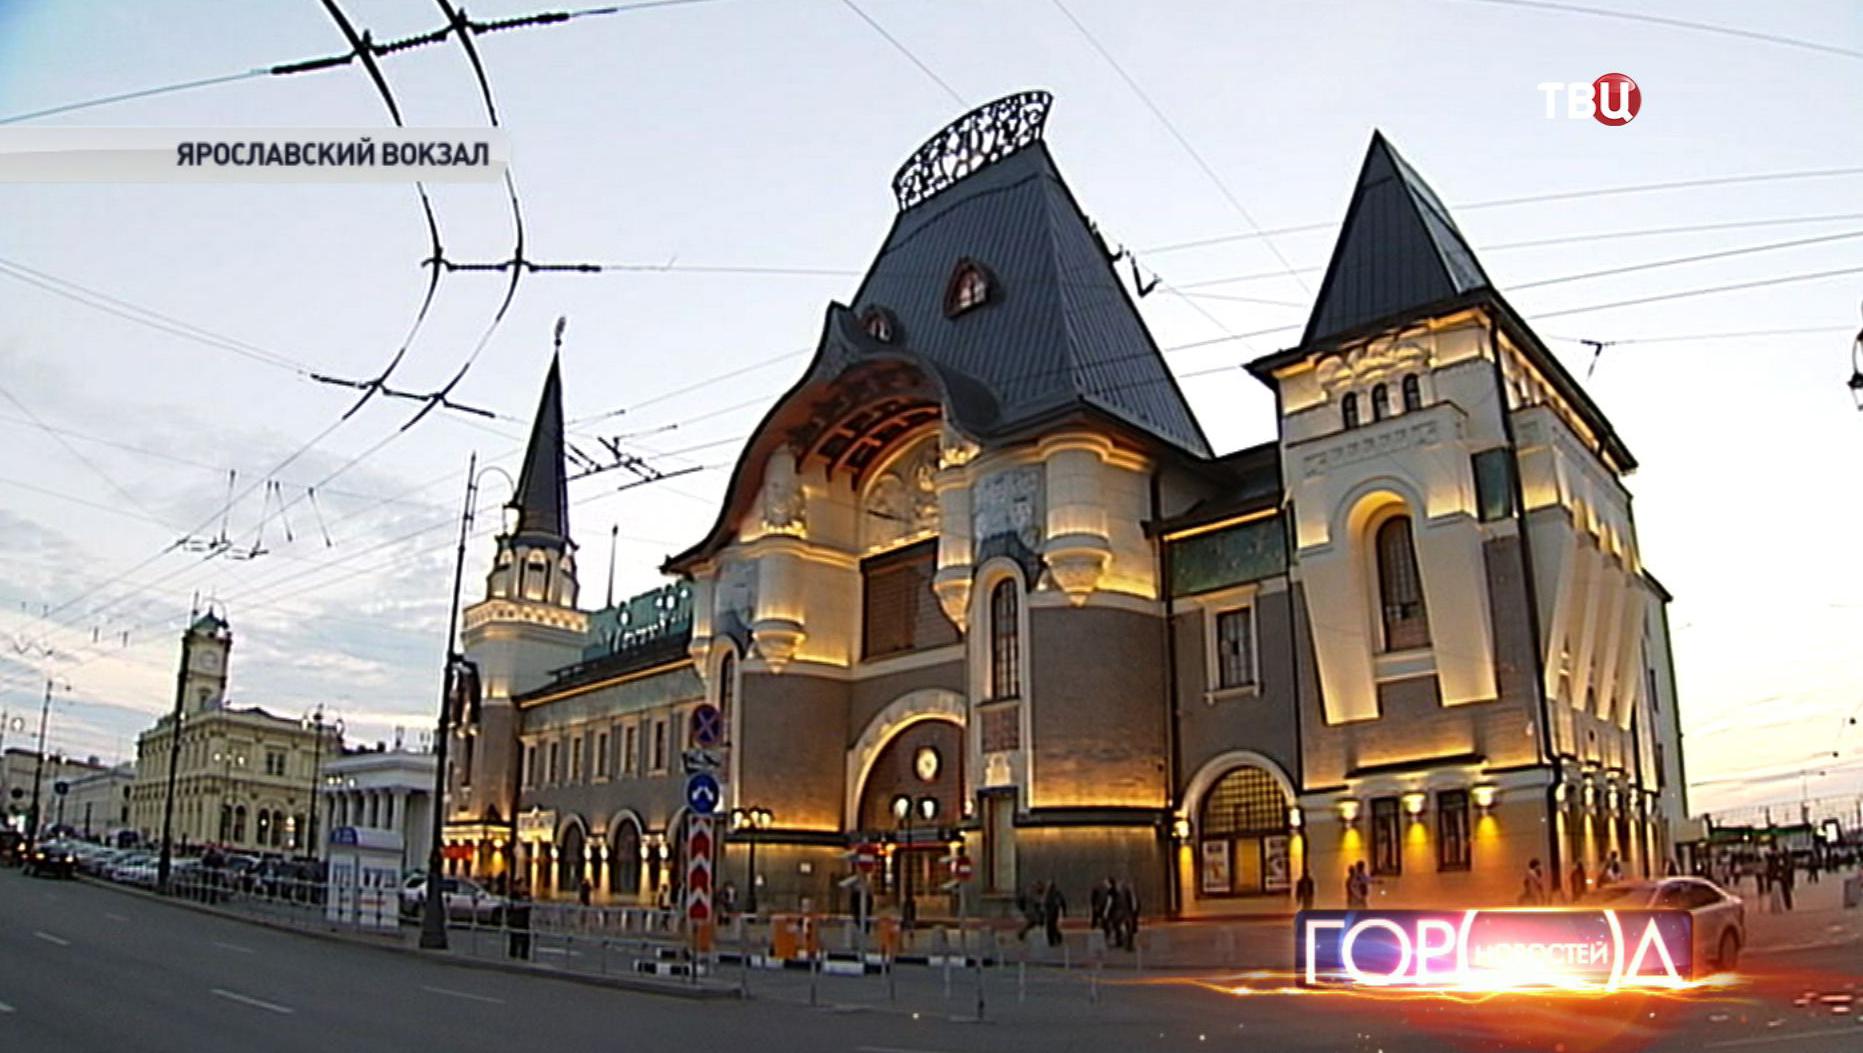 Архитектурная подсветка здания Ярославского вокзала